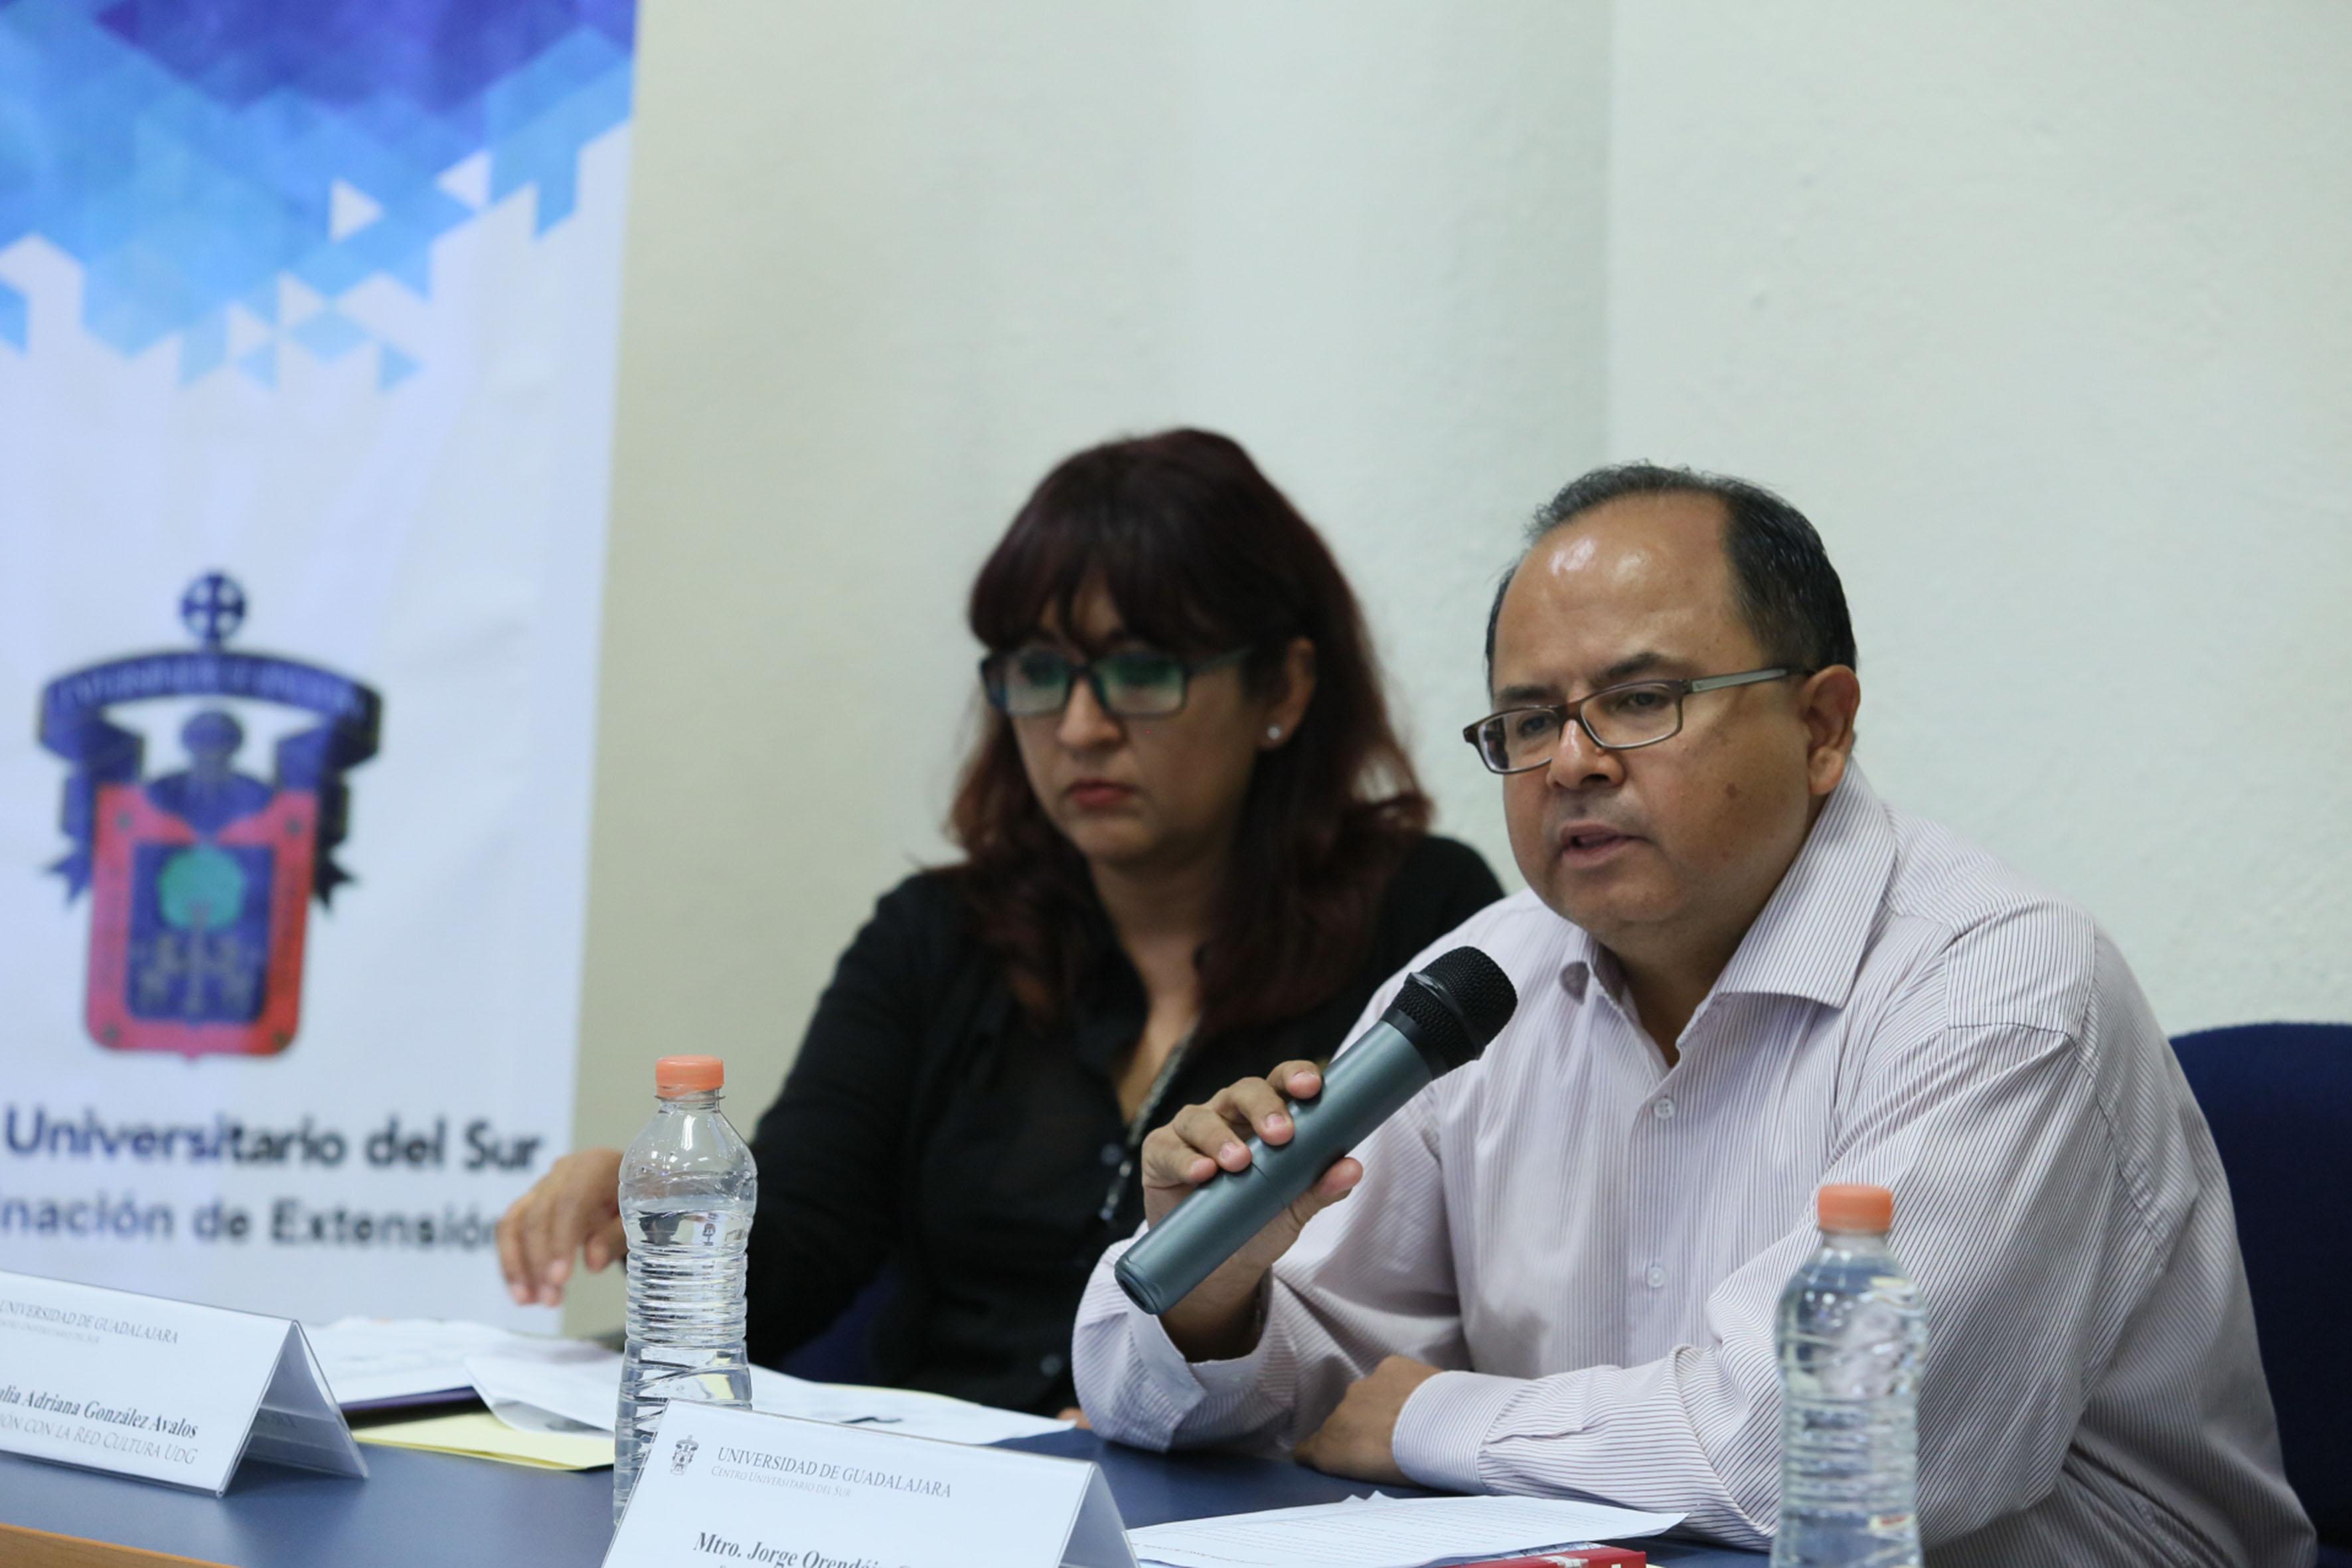 Maestro Jorge Orendain Caldera, editor de la Editorial Universitaria de la UdeG, frente al micrófono